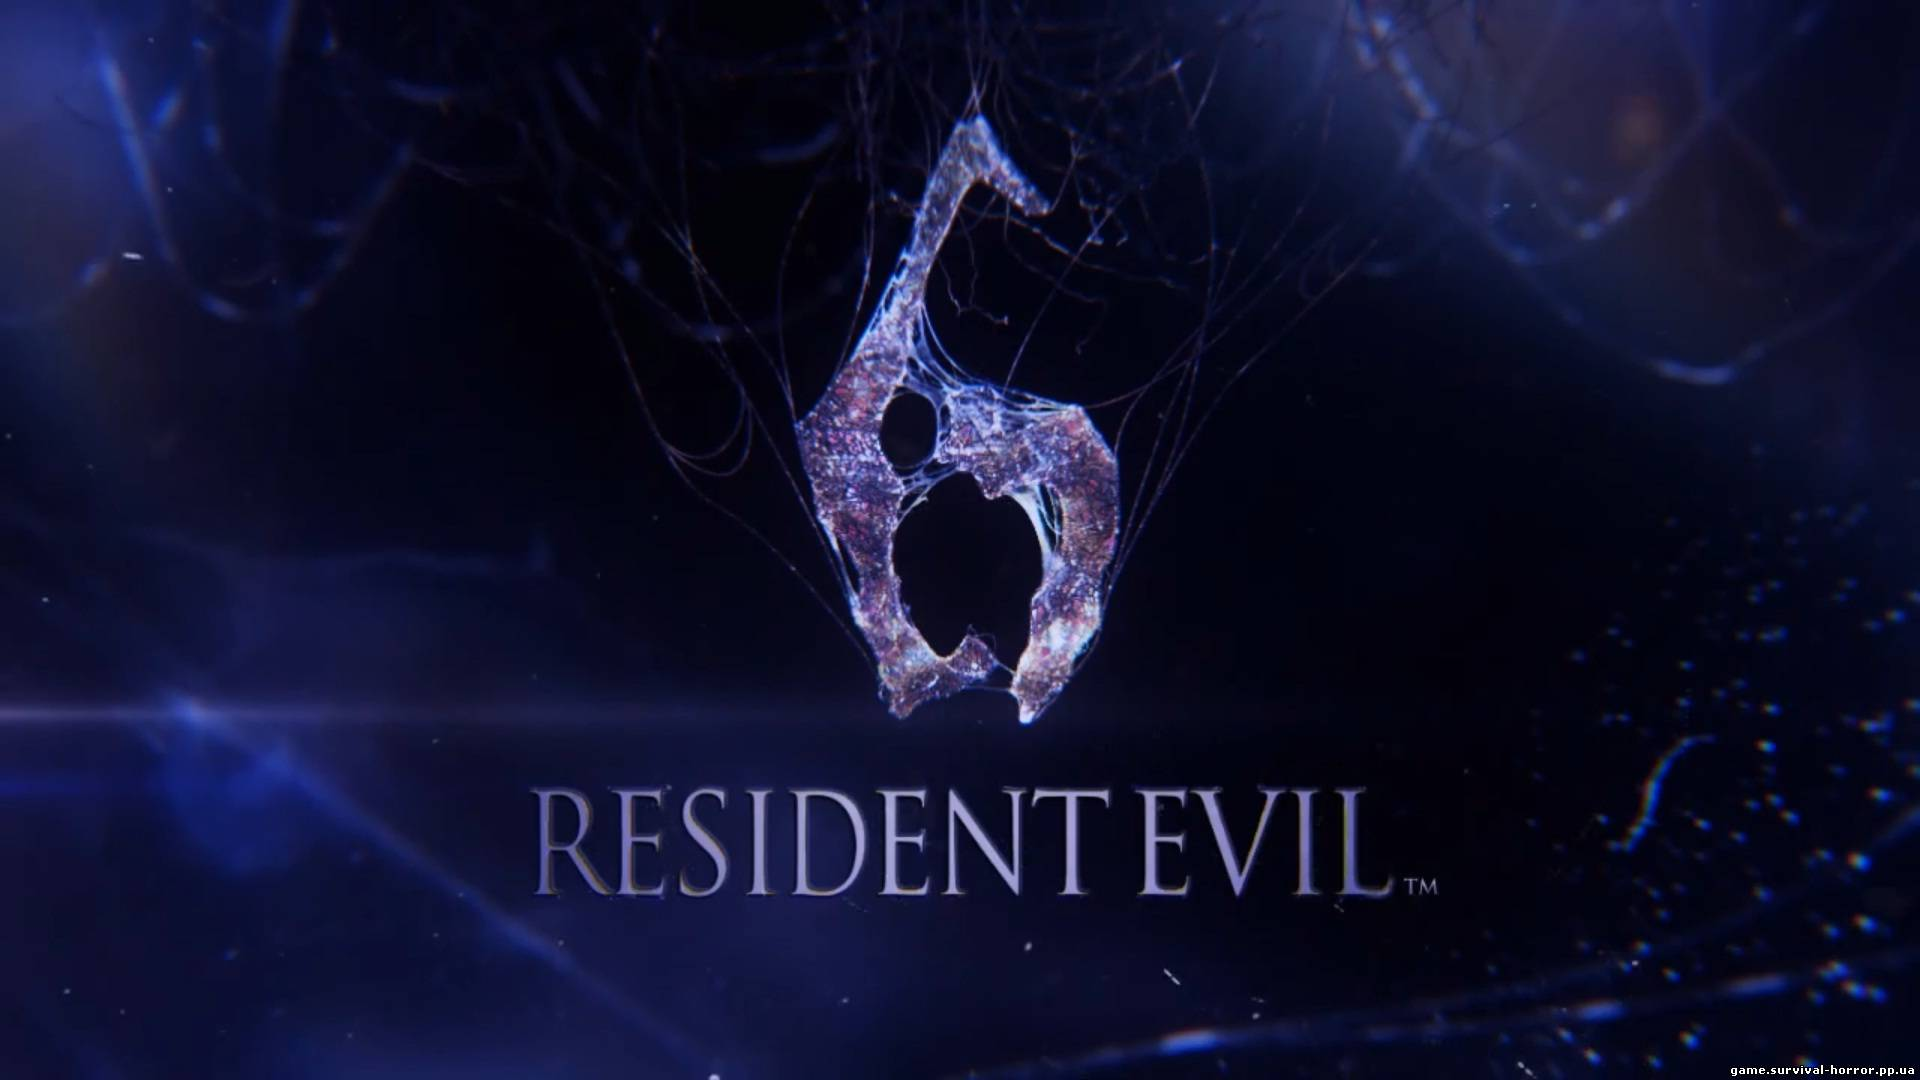 Немного информации о Resident Evil 6 PC. Дата выхода игры Resident